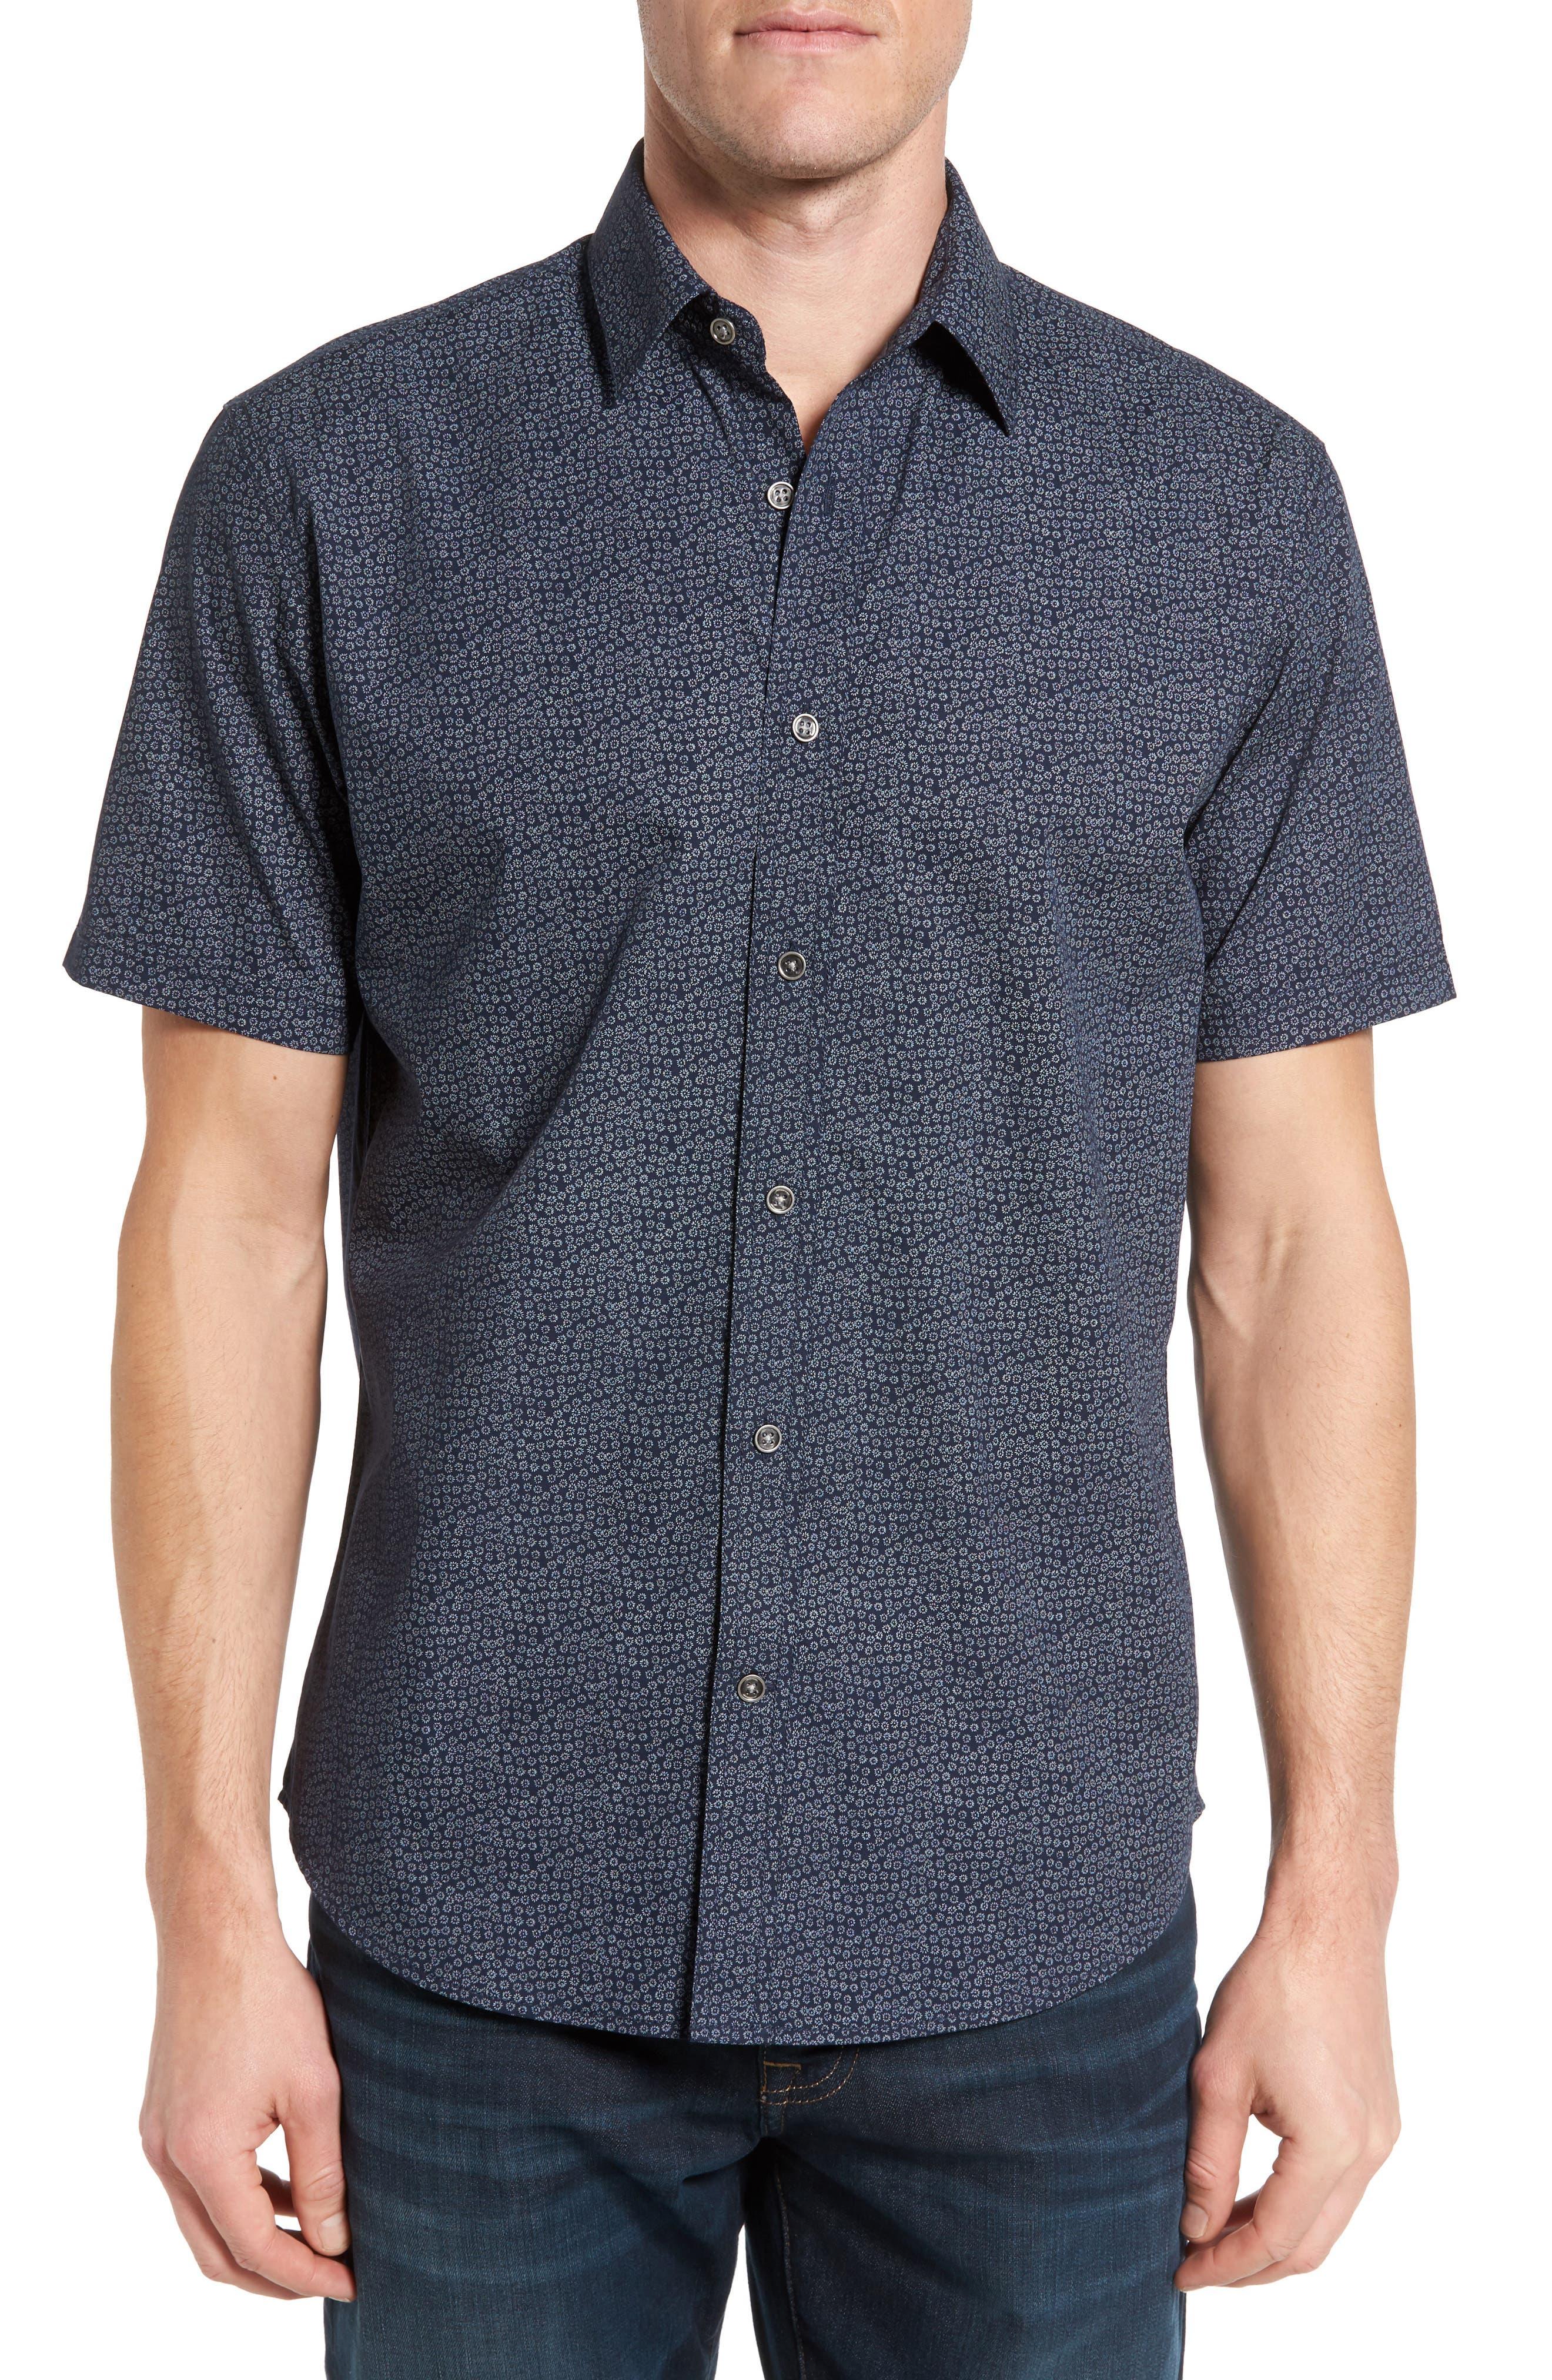 James Campbell Lorenzo Regular Fit Short Sleeve Sport Shirt